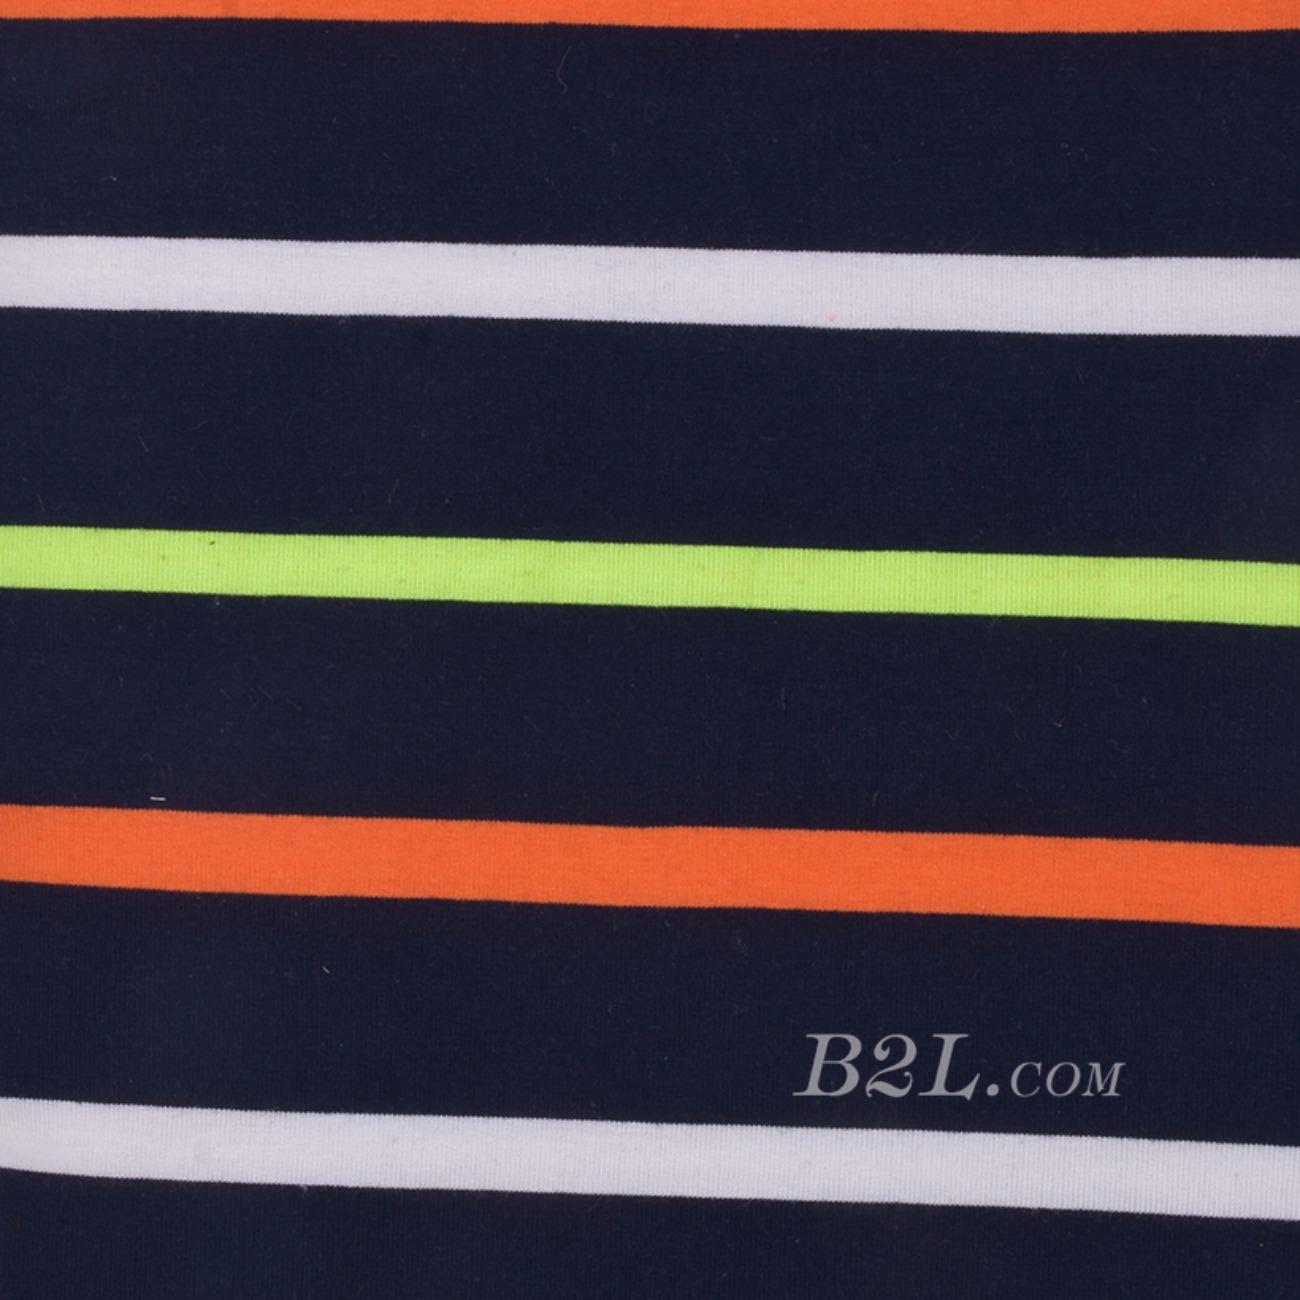 期货 提花 针织 珠地 单面 字母 高弹 棉感 连衣裙 T恤 女装 80509-13